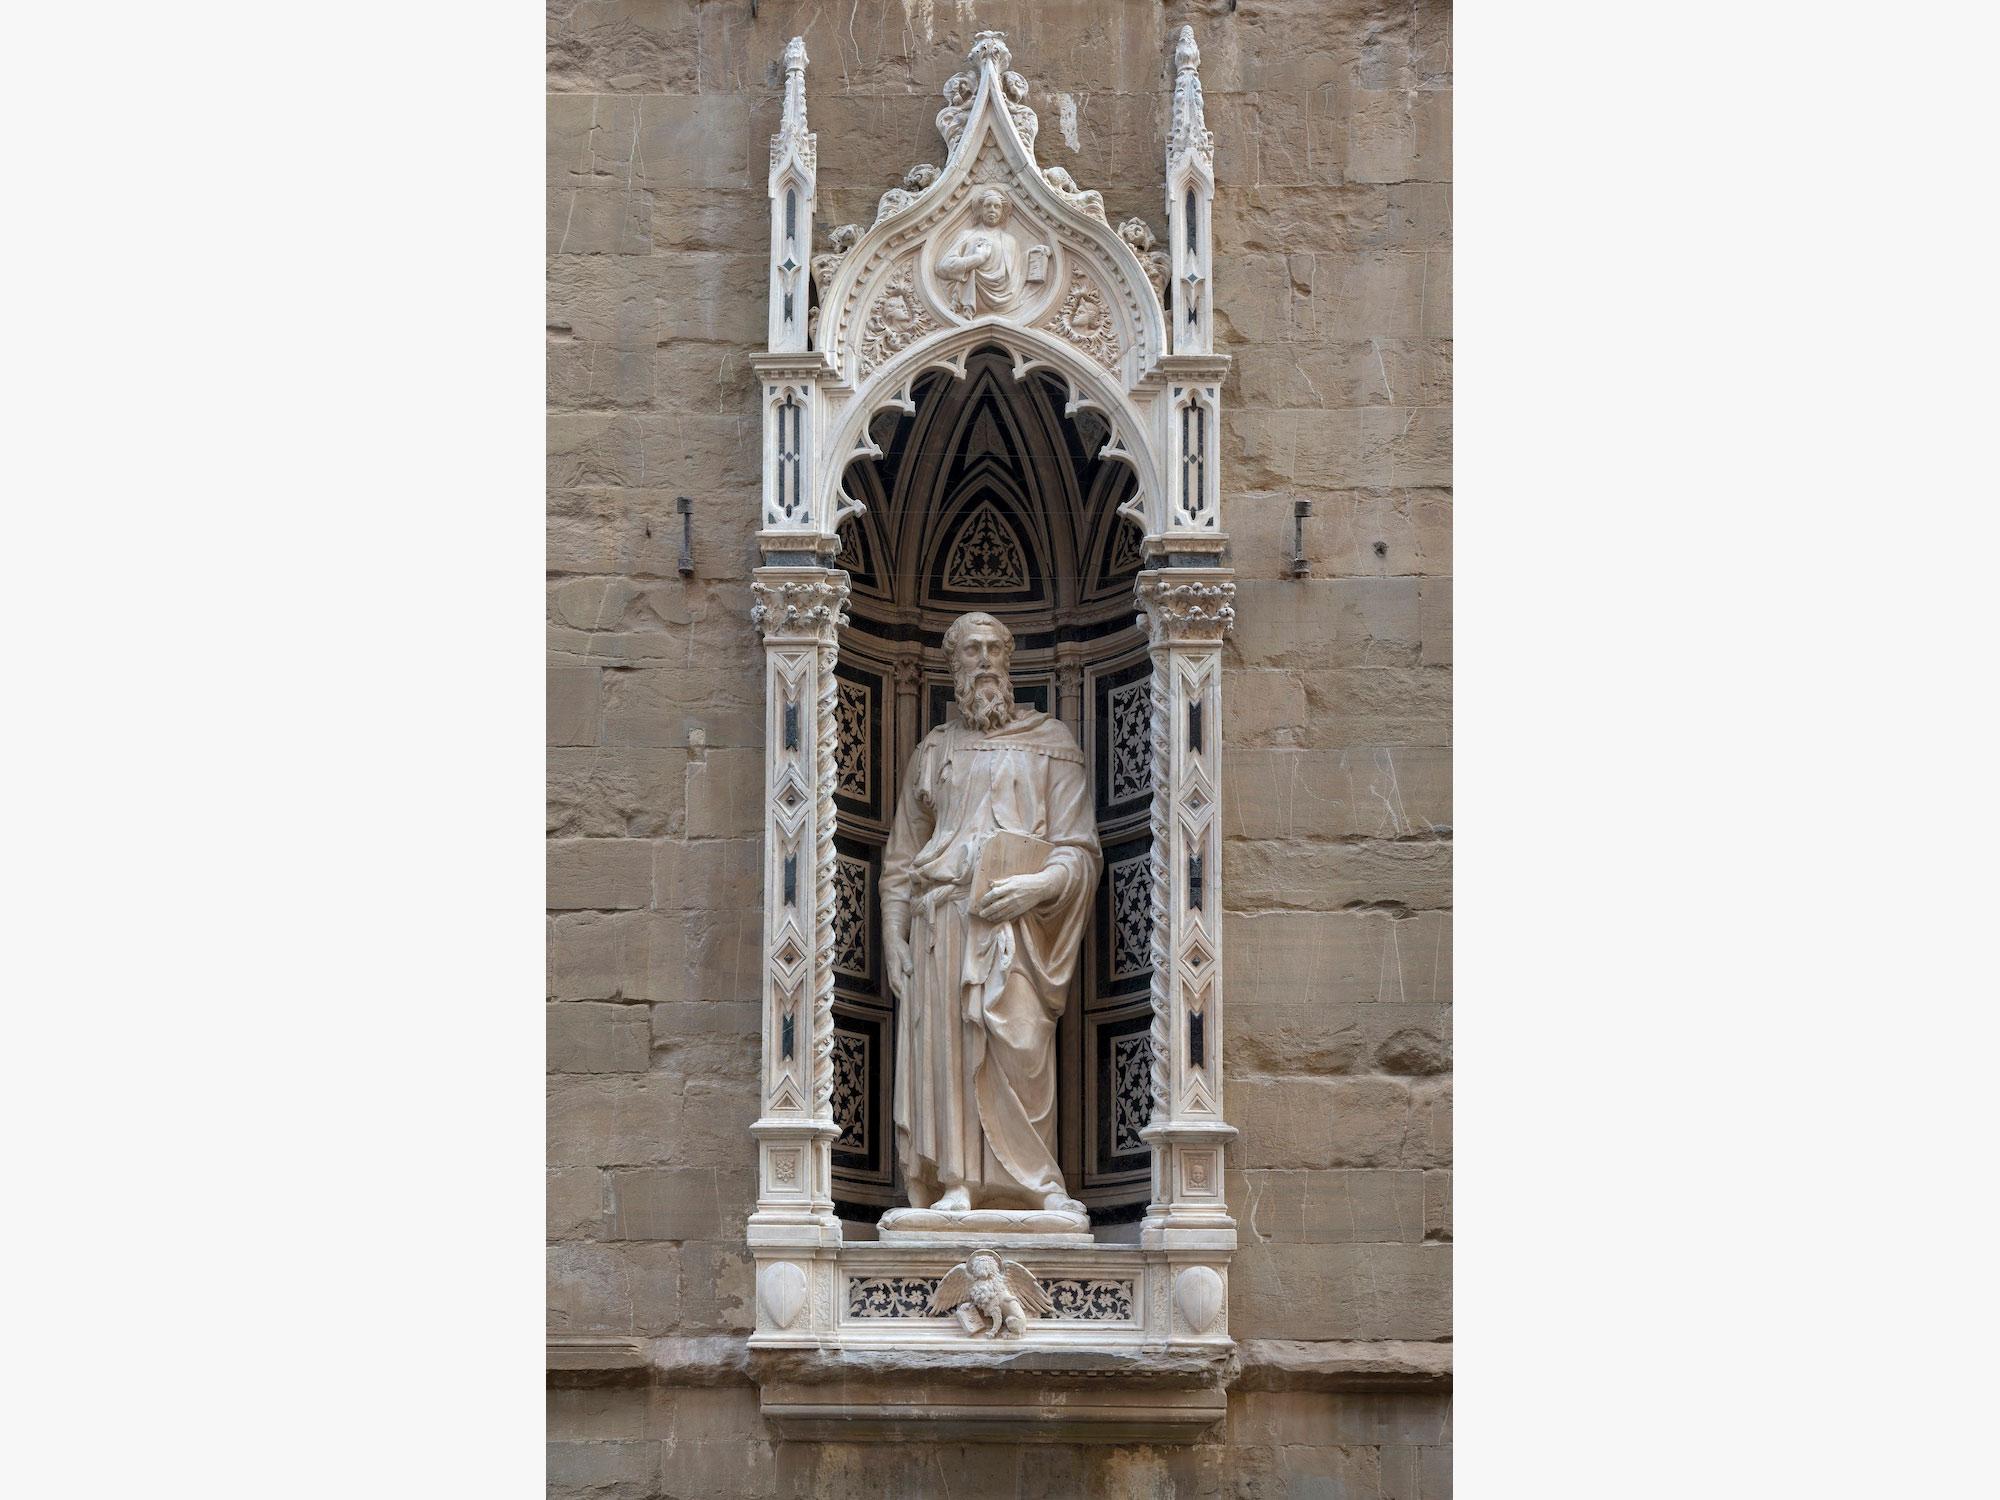 Firenze, restaurato il Tabernacolo dei Linaioli in Orsanmichele